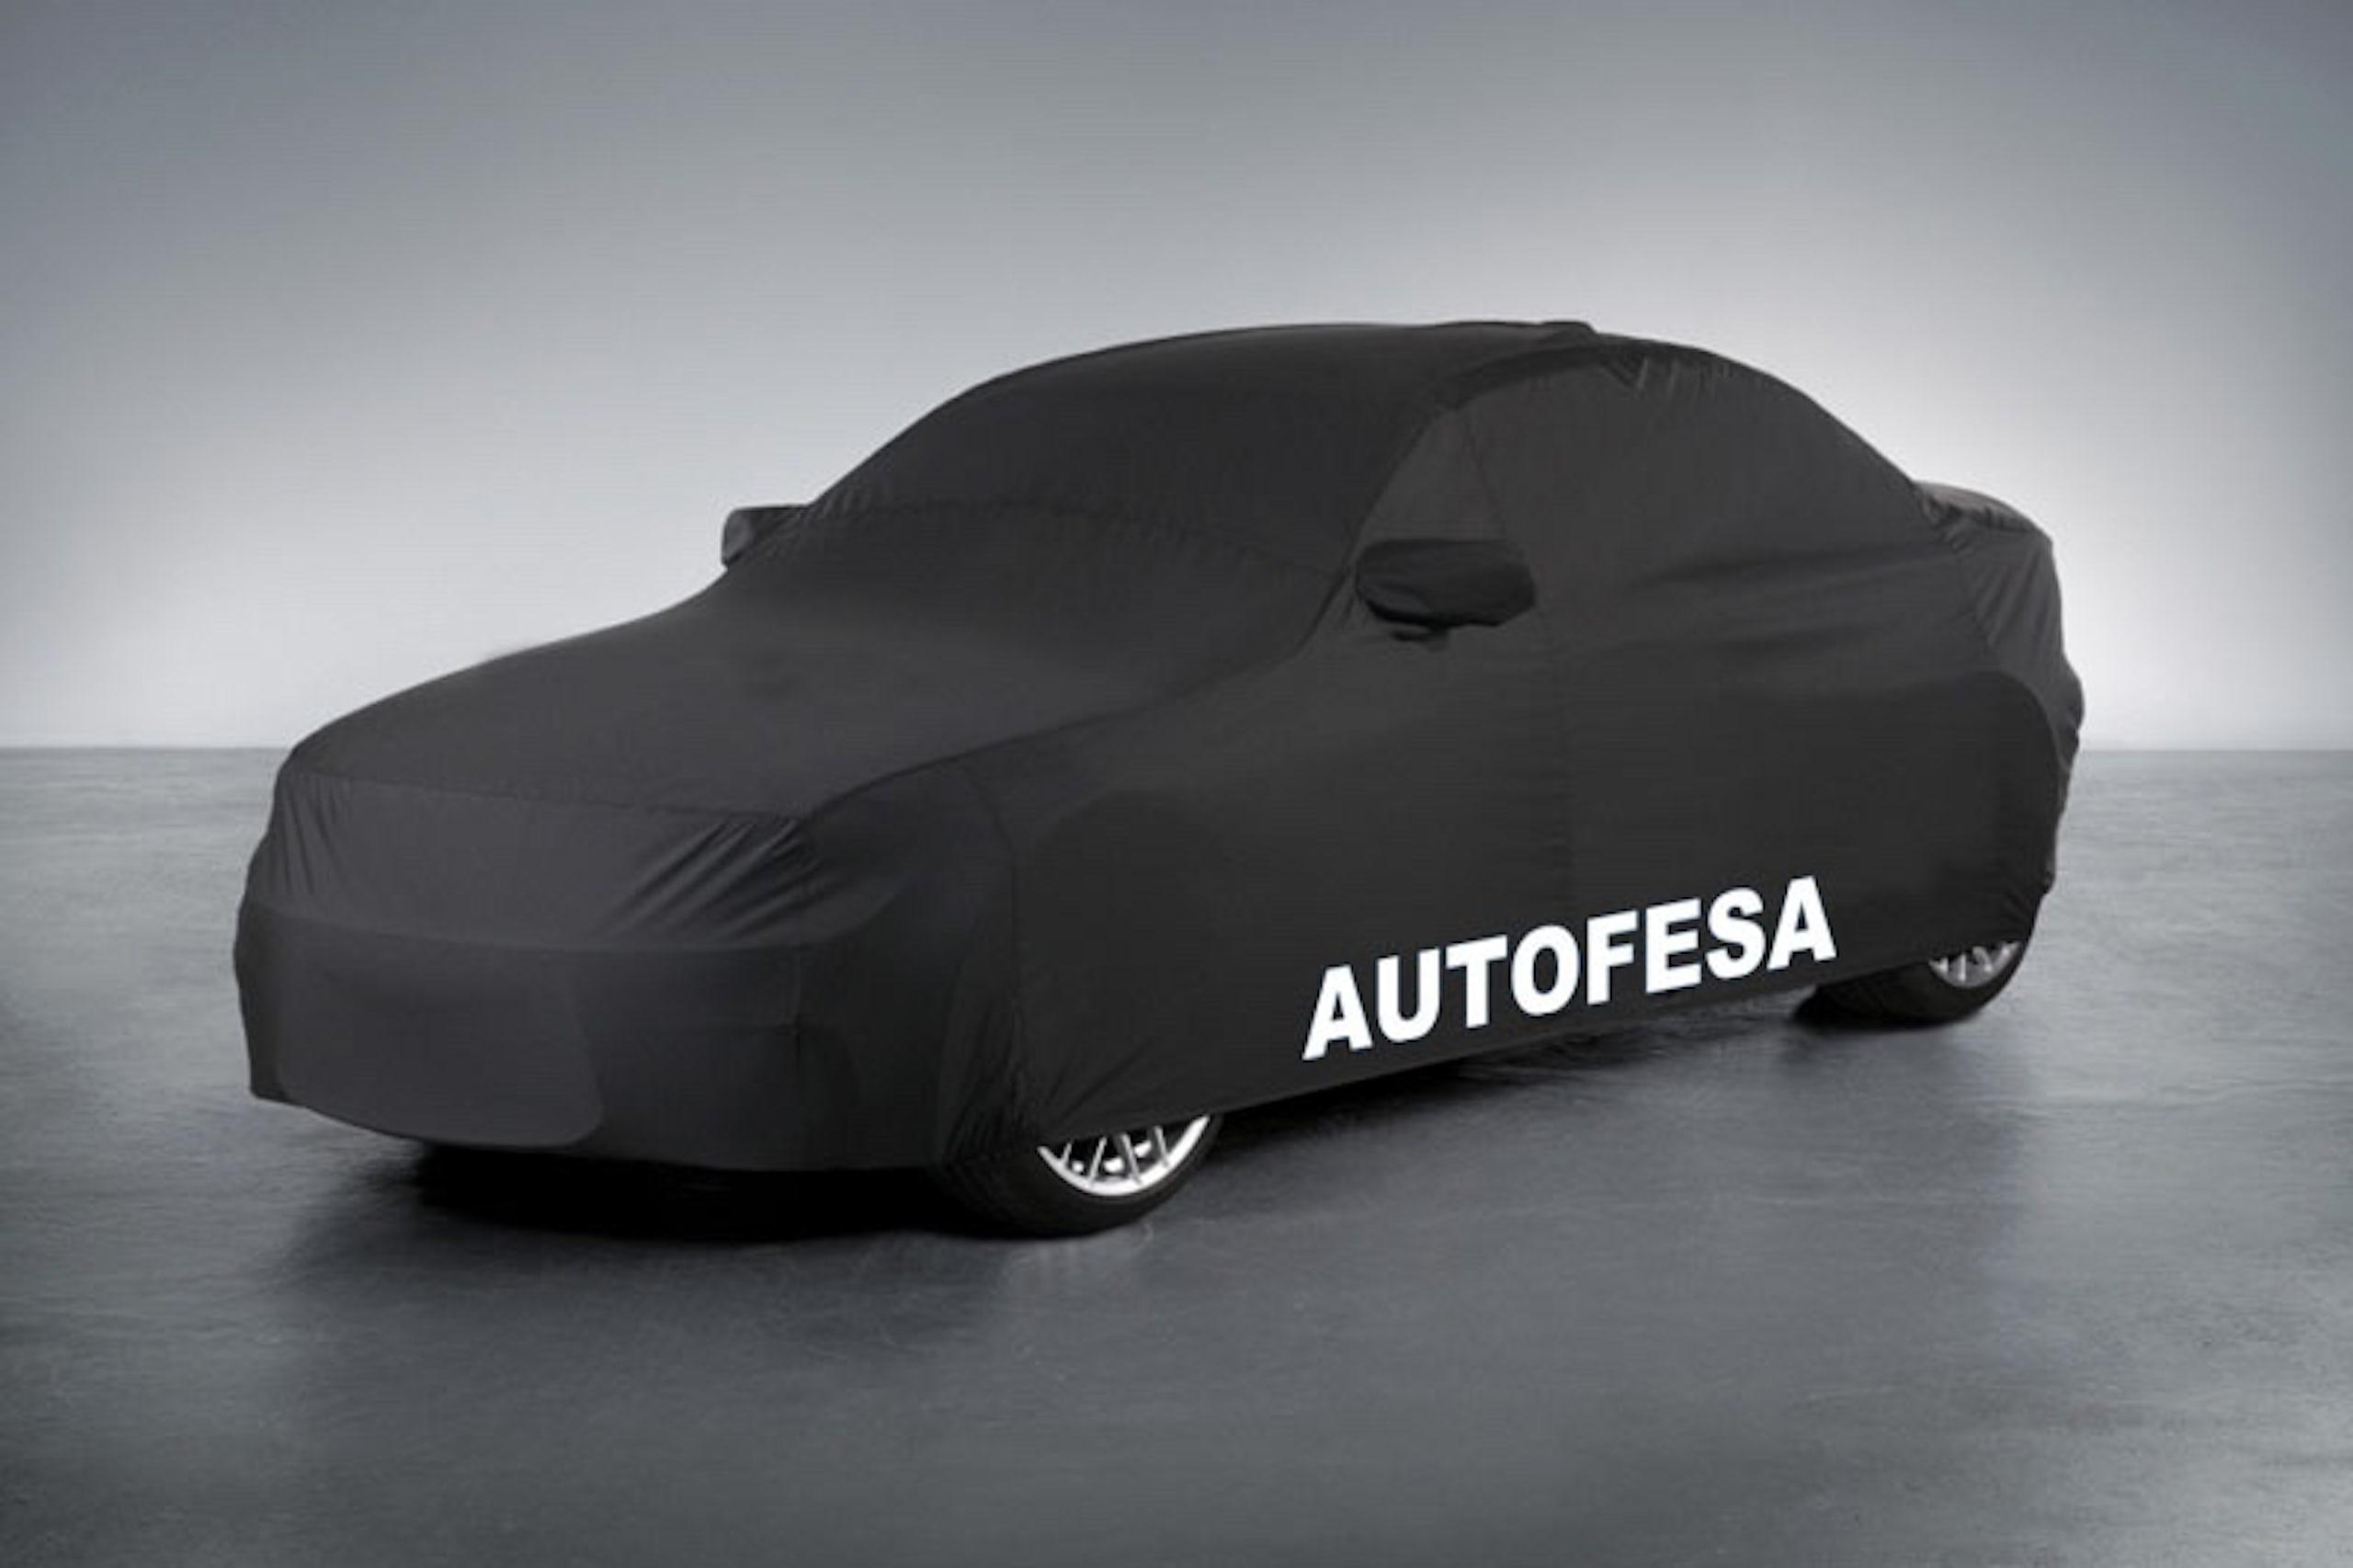 Audi A6 3.0 TDI AVANT 272cv quattro 4p S tronic Auto S/S - Foto 20